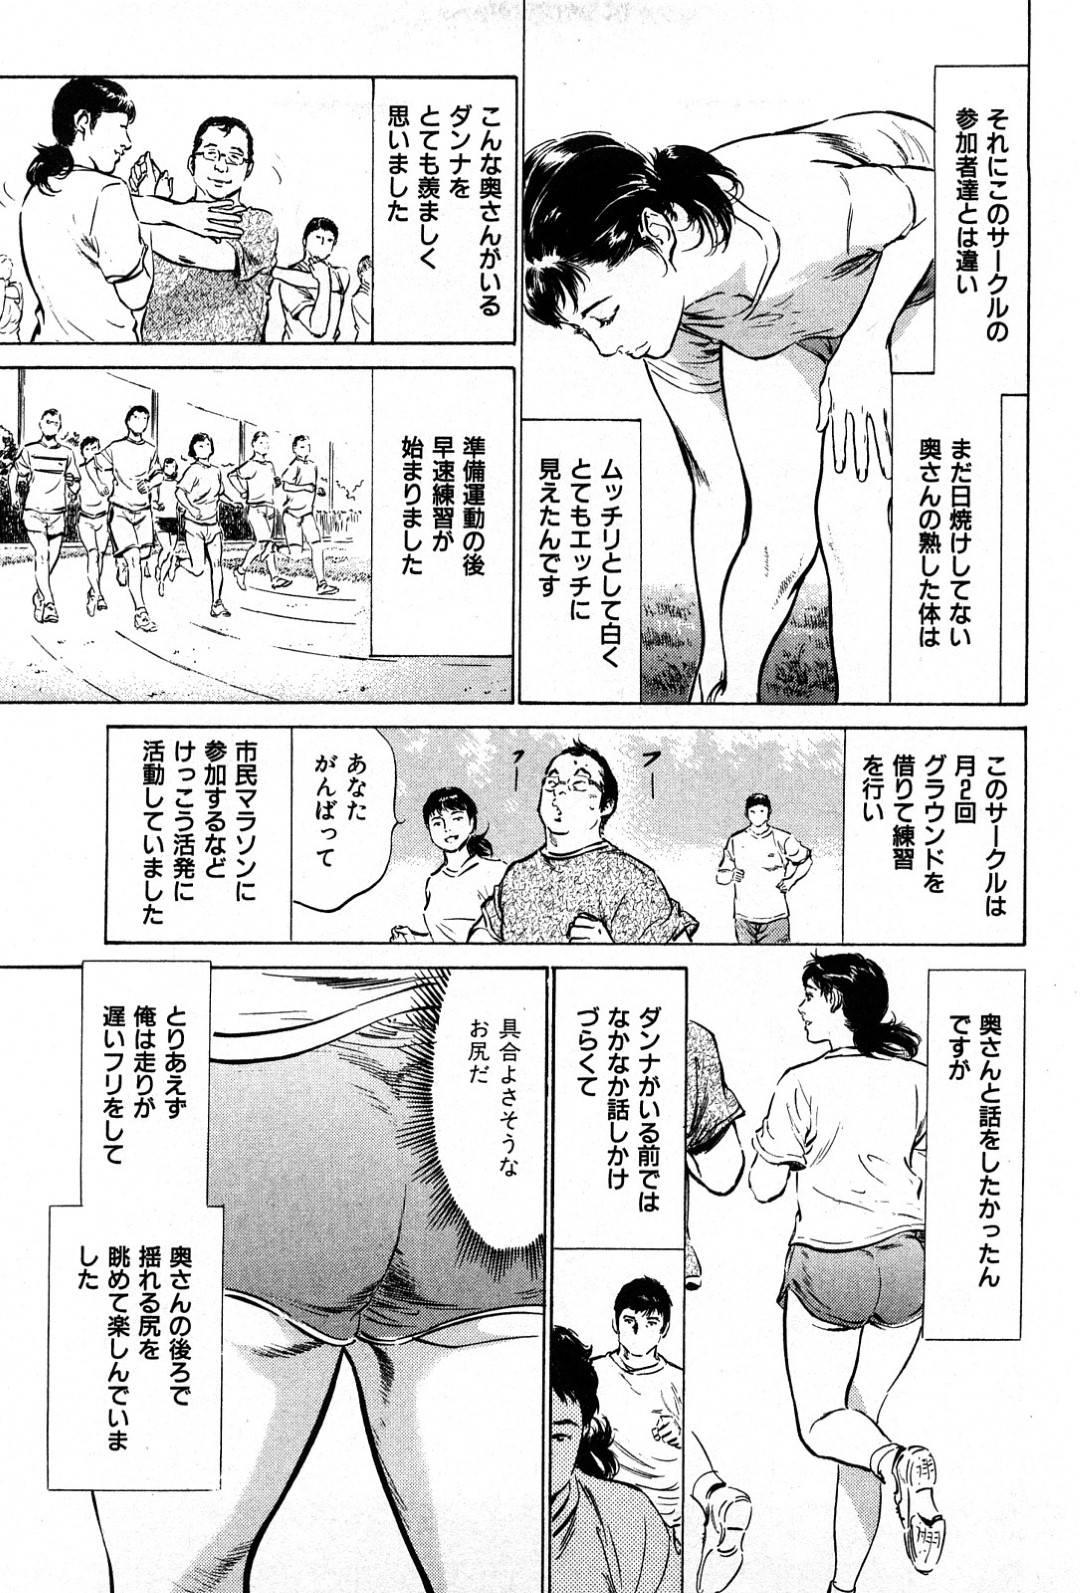 【不倫寝取られエロ漫画】マラソンサークルに夫婦で参加する控えめ美人の人妻は、マラソン本番で足をくじいてしまい男に看病されるうちに不倫セックスまでしてしまう【八月薫】